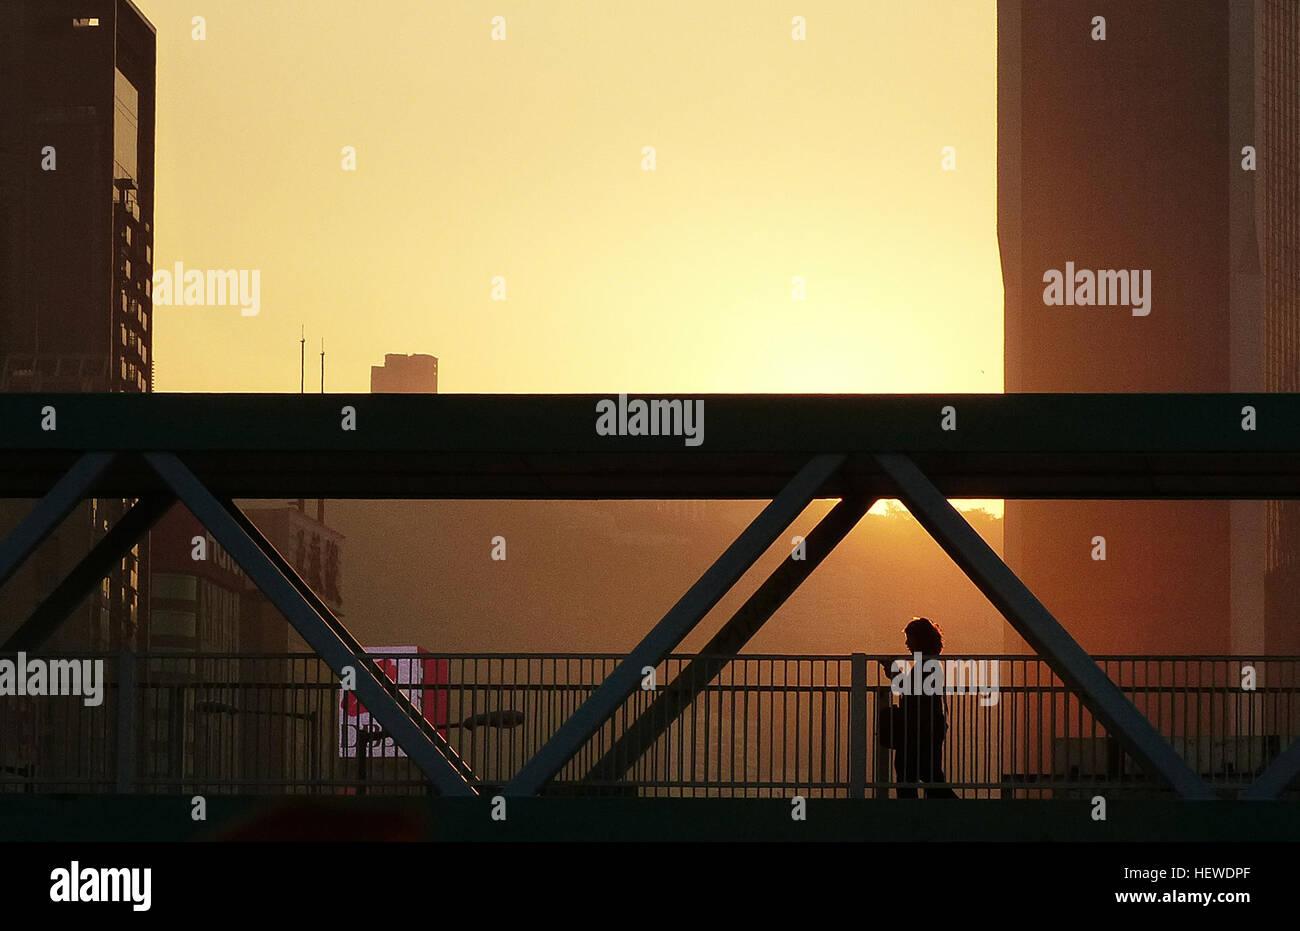 ication (,),Bridge Camera,Lumix FZ200,bridge,shadow,sunset,super zoom - Stock Image